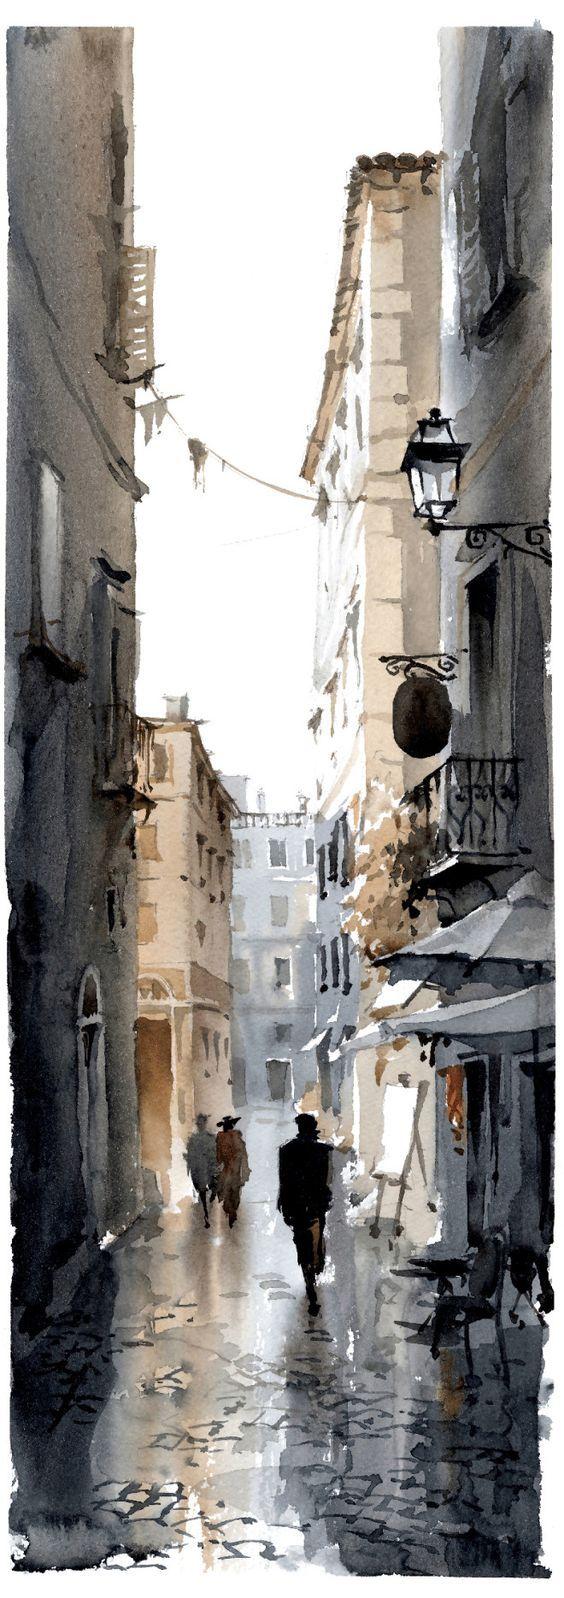 aquarelle - watercolor - Vicolo 2 | Igor Sava: